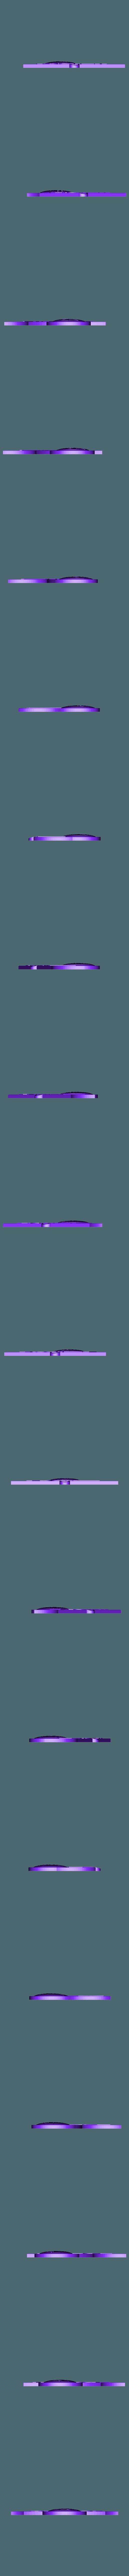 HELLBOY.stl Download free STL file Hellboy Emblem • 3D print design, dancingchicken